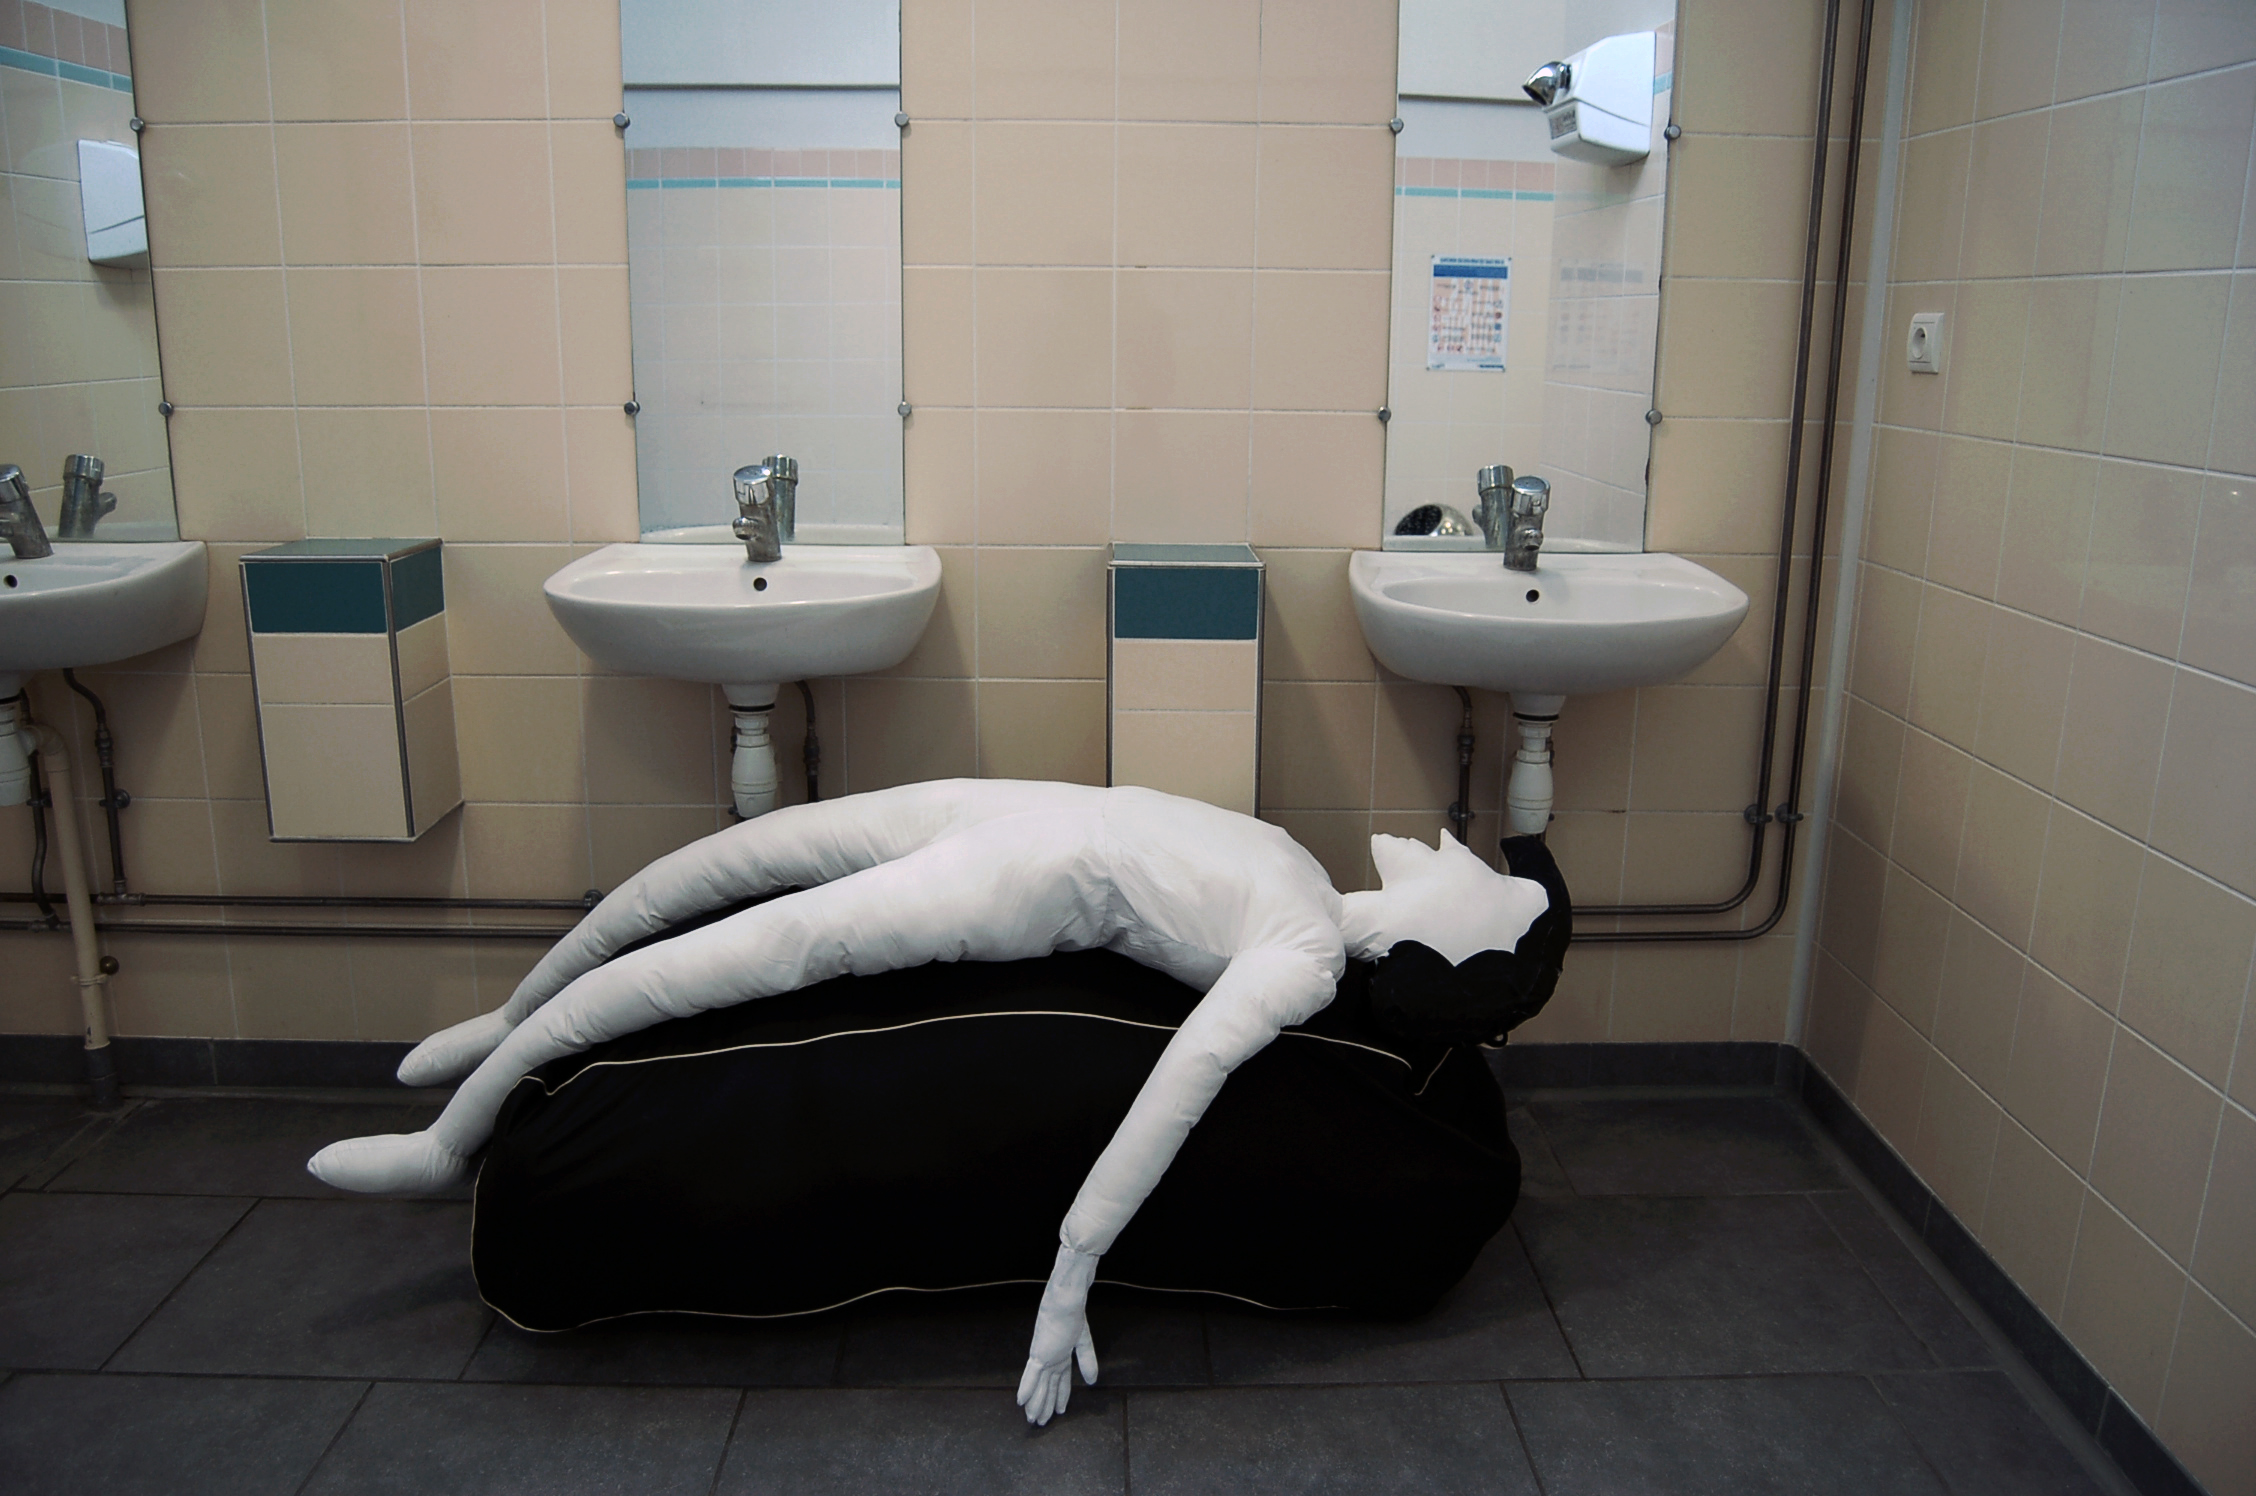 D dale 4 bains douches municipaux et quais de l le saint louis tre r v le film - Bains douches municipaux ...